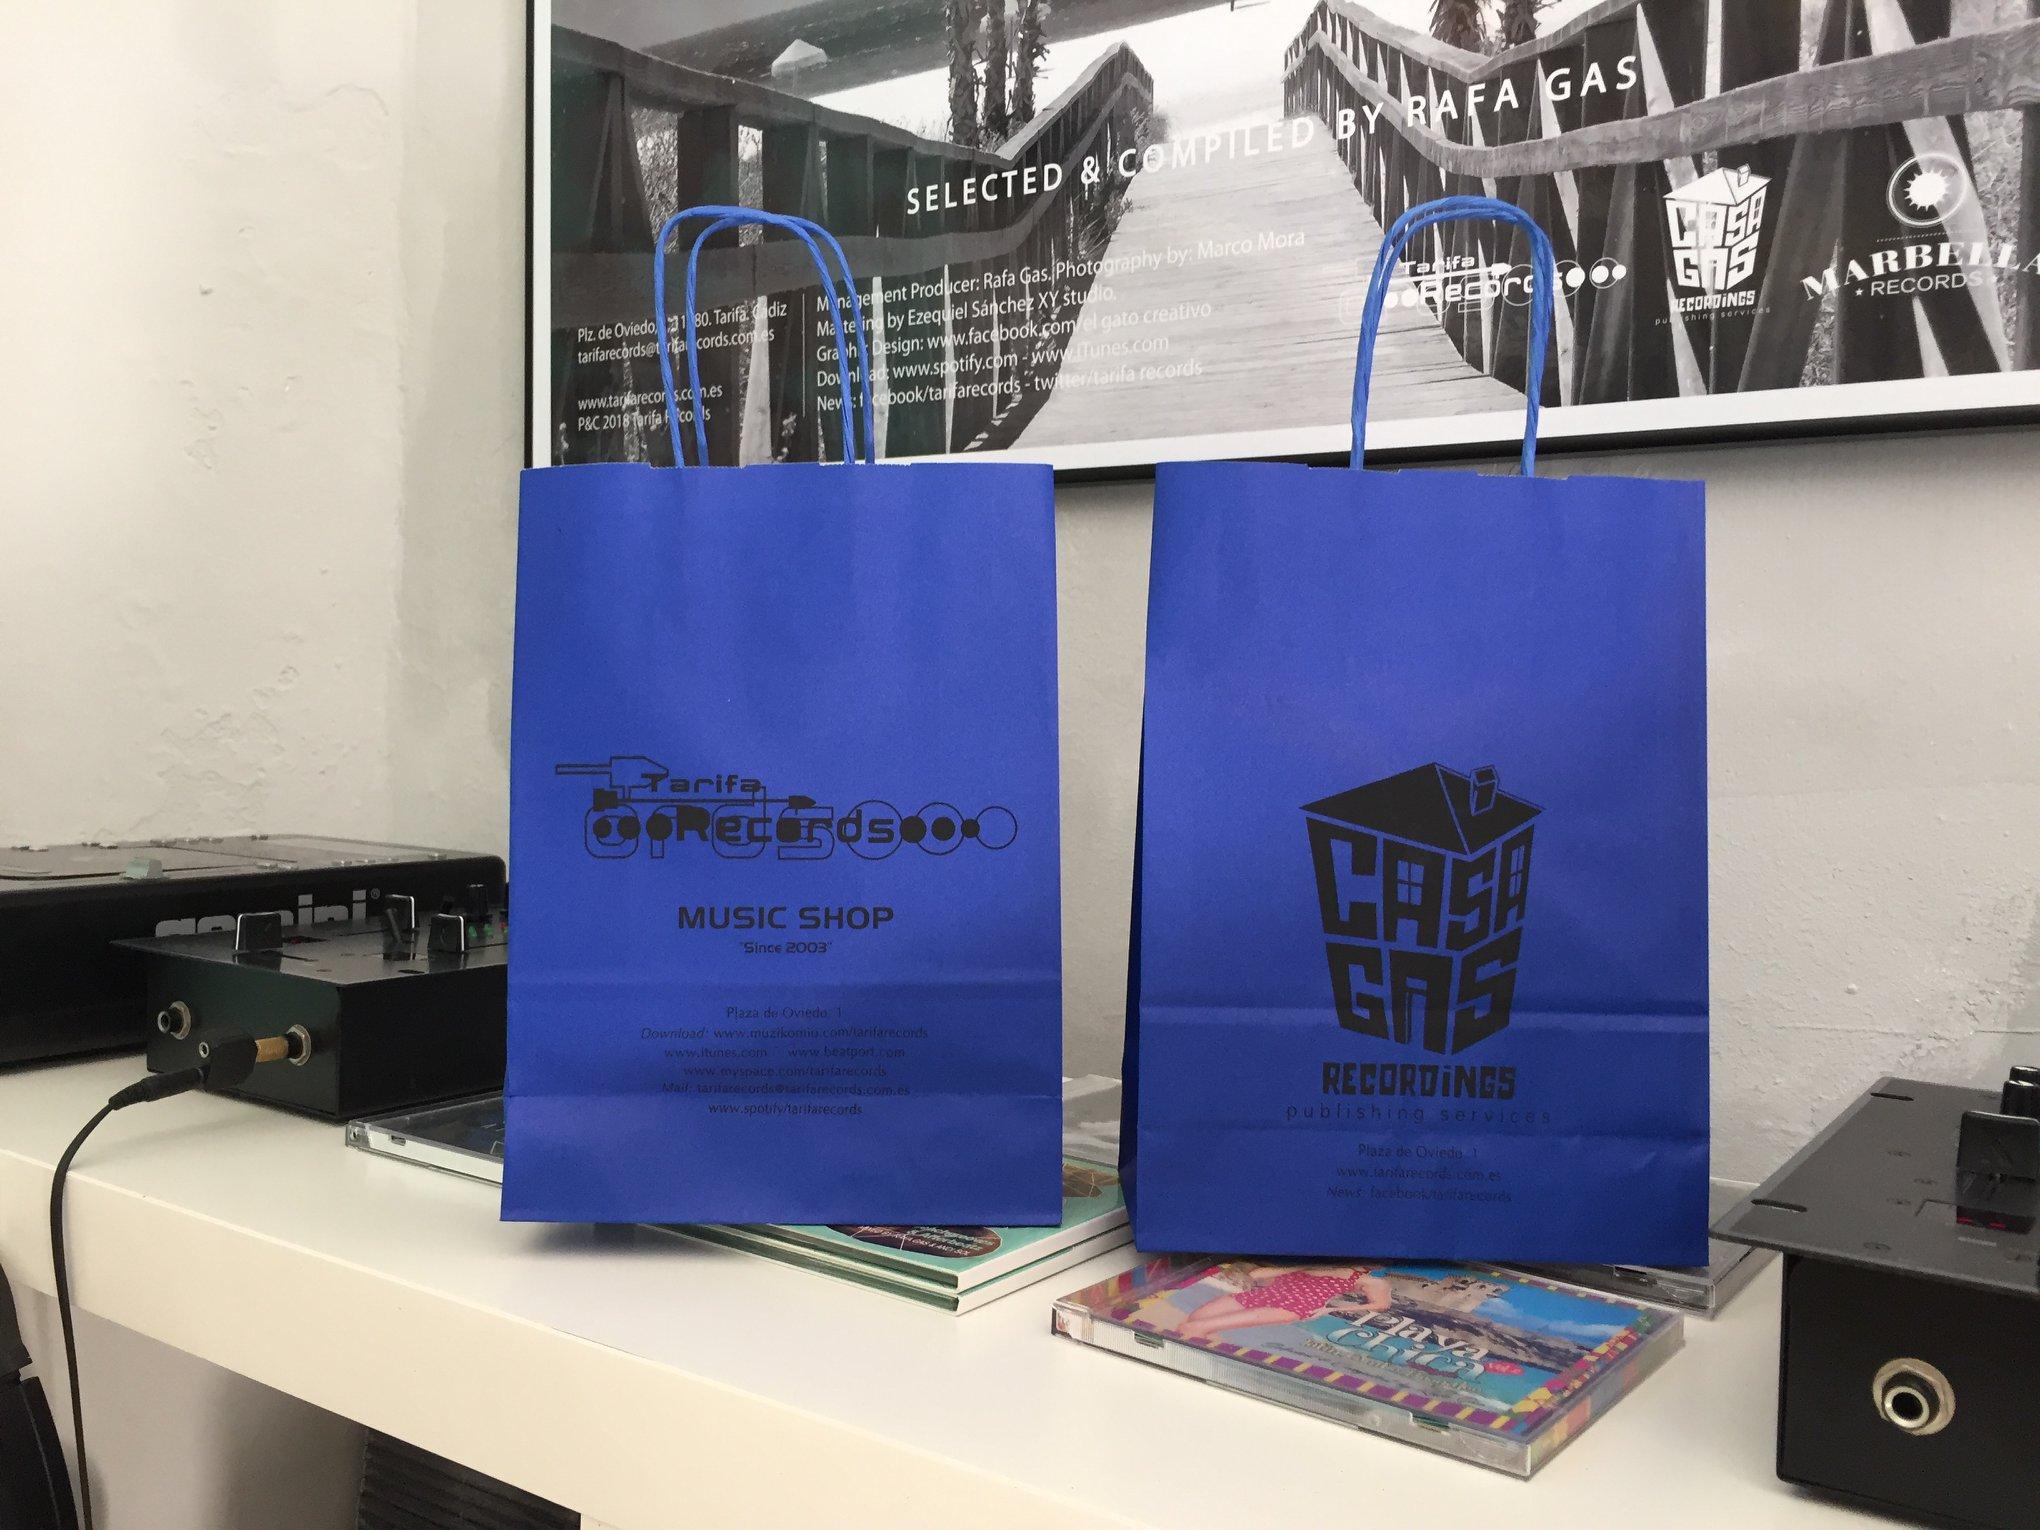 Bolsa de papel con asa trenzada para Tarifa Records